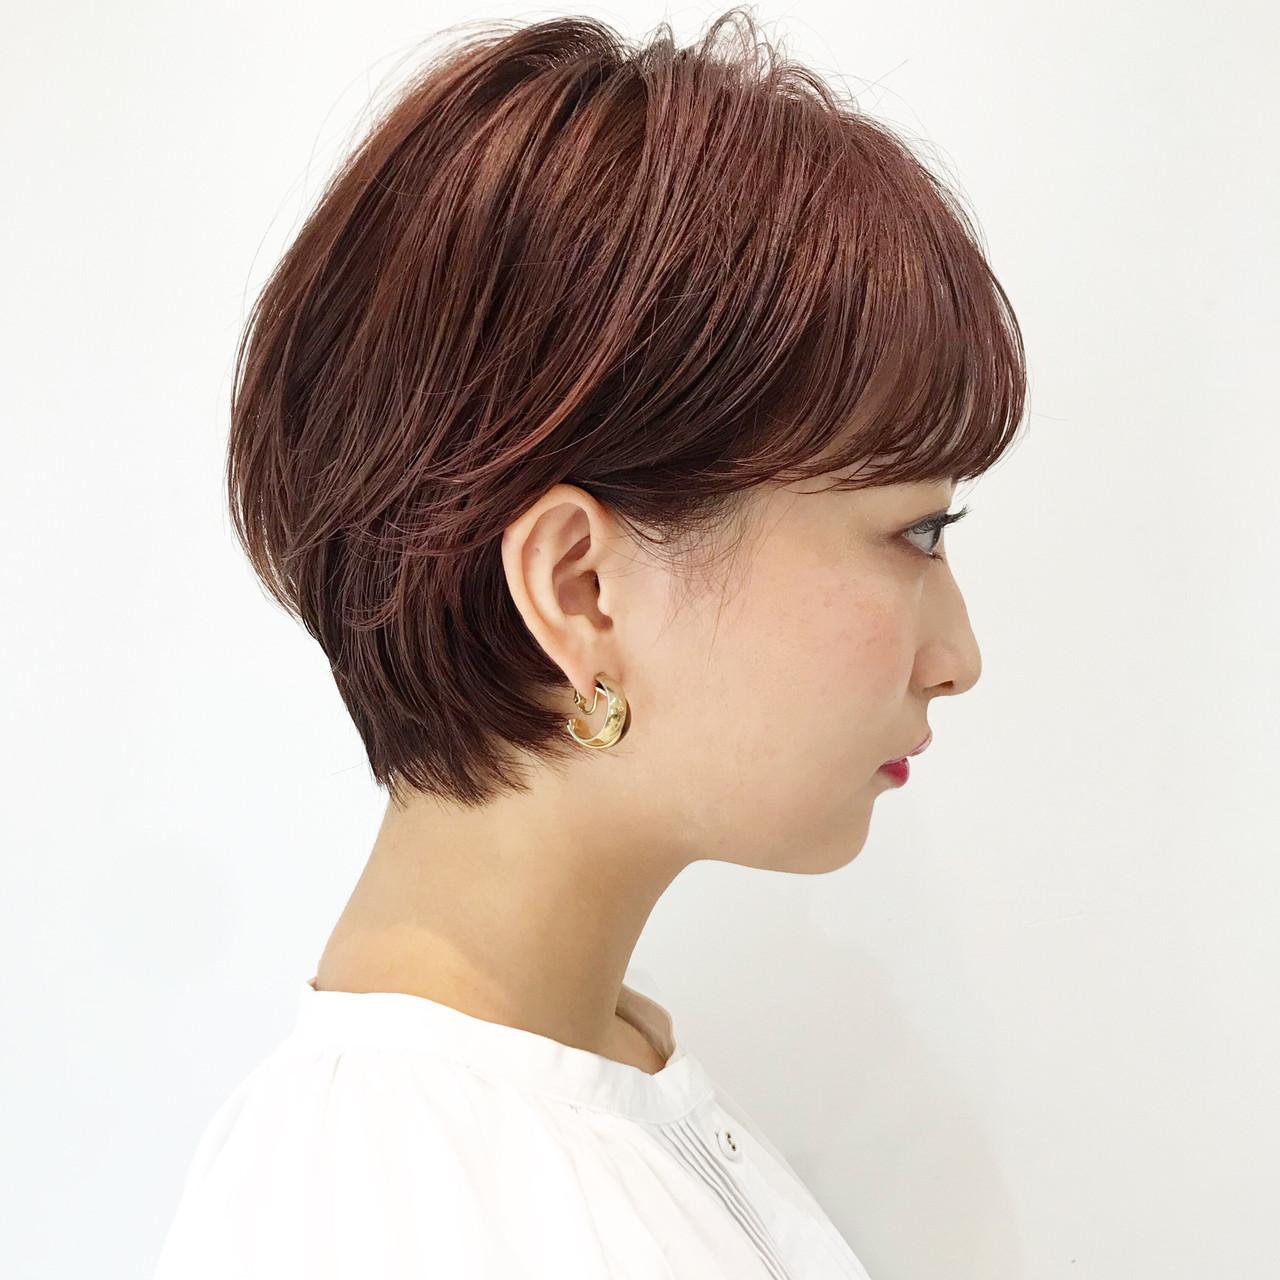 オフィス ナチュラル ショート ヘアアレンジ ヘアスタイルや髪型の写真・画像 | 大人可愛い【ショート・ボブが得意】つばさ / VIE